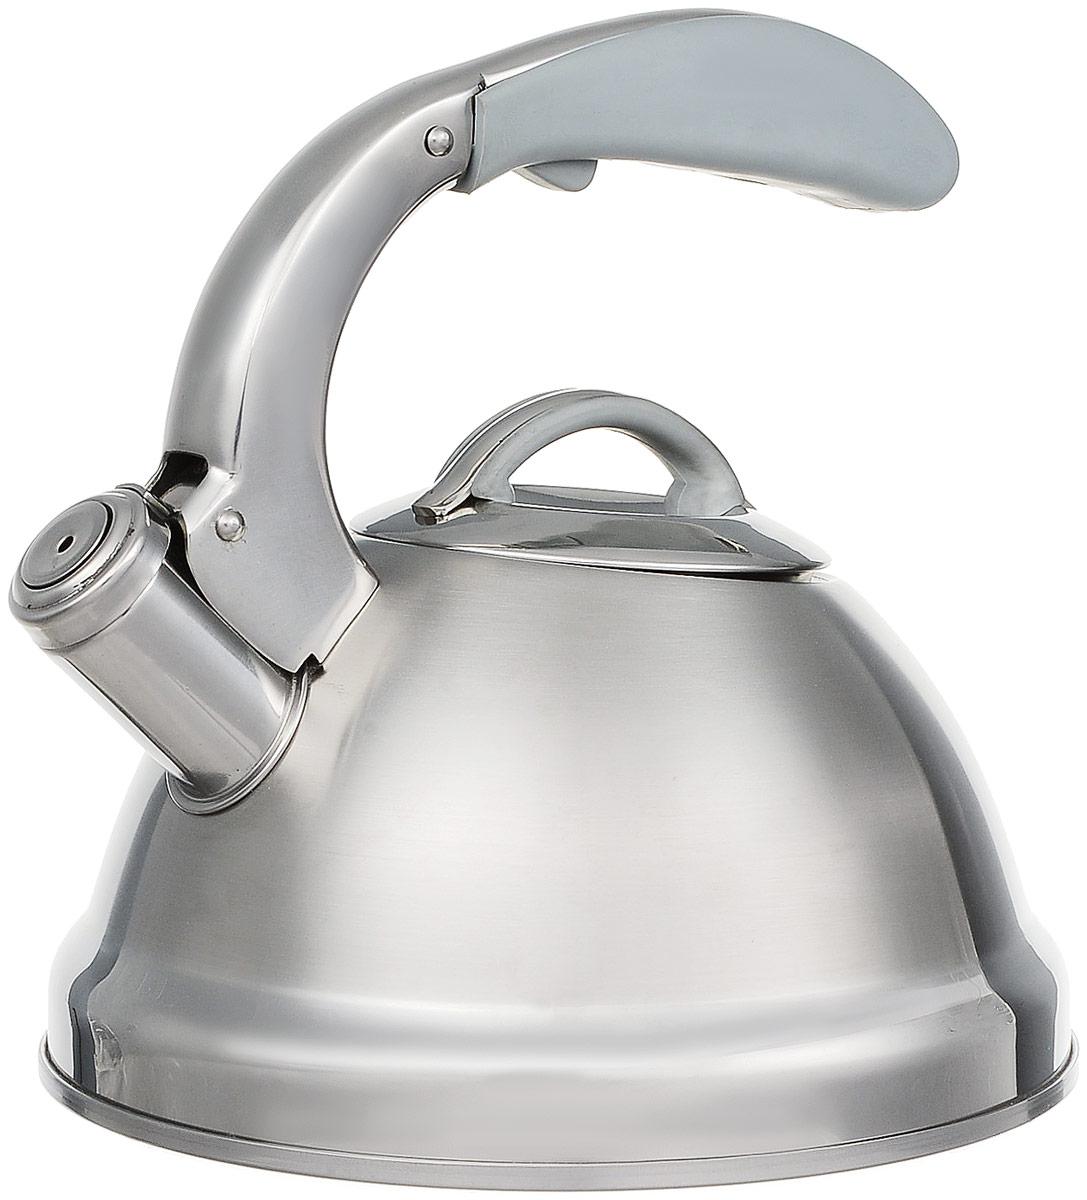 Чайник Dekok со свистком, 2,5 лWK-106Чайник Dekok изготовлен из прочной нержавеющей стали с зеркальной и матовой полировкой. Изделие не подвержено коррозии и окислениям. Сверхмощное капсульное дно и утолщенный корпус обеспечивают быстрый и равномерный нагрев, надолго сохраняя вскипяченную воду горячей. Эргономичная ручка, выполненная из термосиликона с покрытием Soft-touch, обеспечивает удобный и безопасный хват. Чайник оснащен свистком с устройством для открывания носика, что позволит вам контролировать процесс подогрева или кипячения воды. Выполненный из качественных материалов чайник Dekok при кипячении сохраняет все полезные свойства воды. Подходит для всех типов плит, включая индукционные. Можно мыть в посудомоечной машине.Диаметр чайника (по верхнему краю): 10 см.Высота чайника (с учетом ручки): 23 см.Высота чайника (без учета ручки): 14 см.